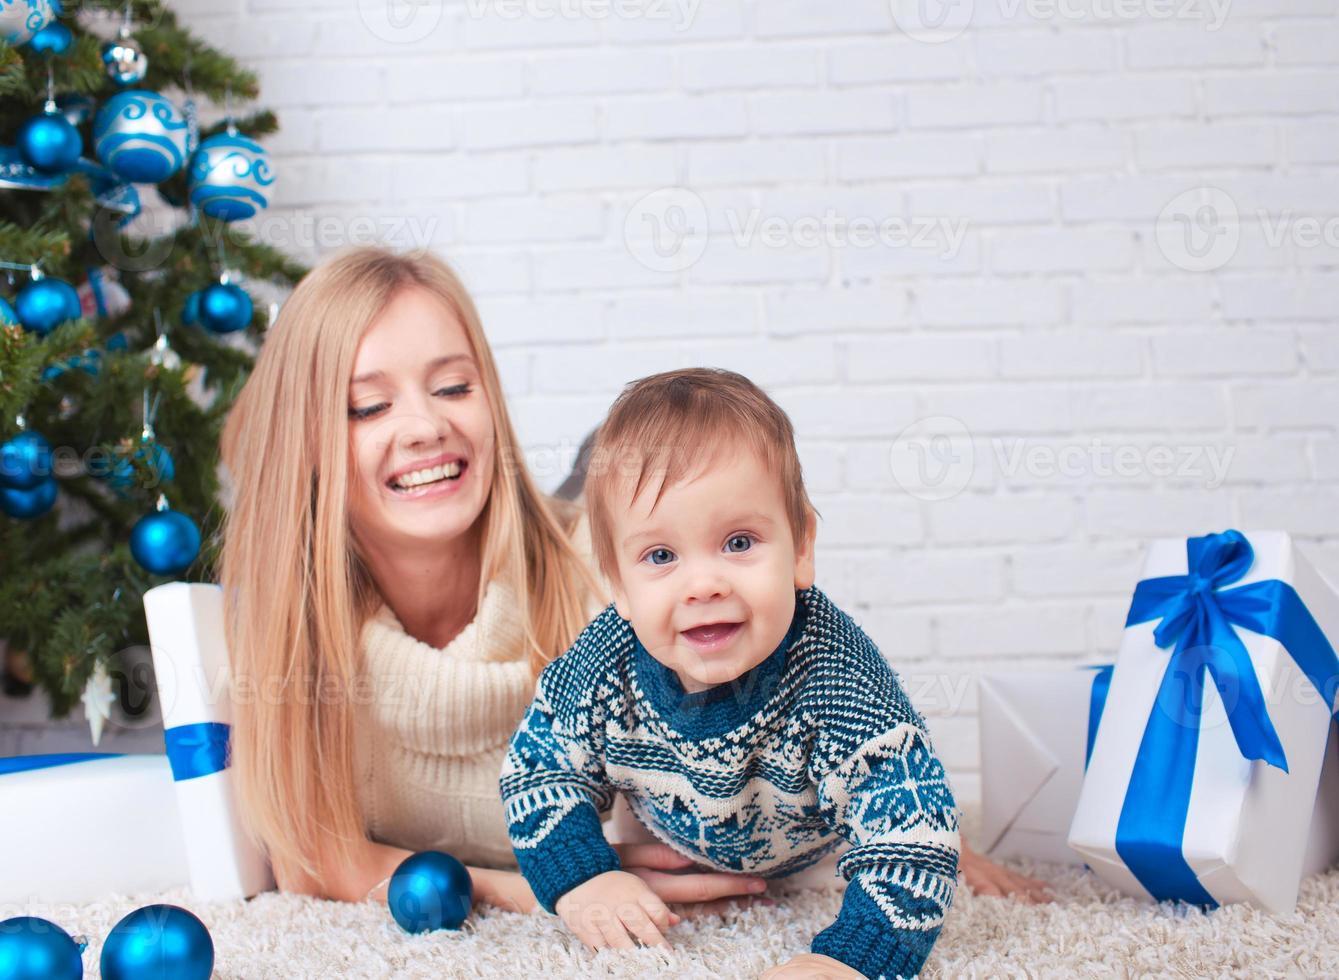 Mutter mit Sohn in der Nähe von Weihnachtsbaum foto